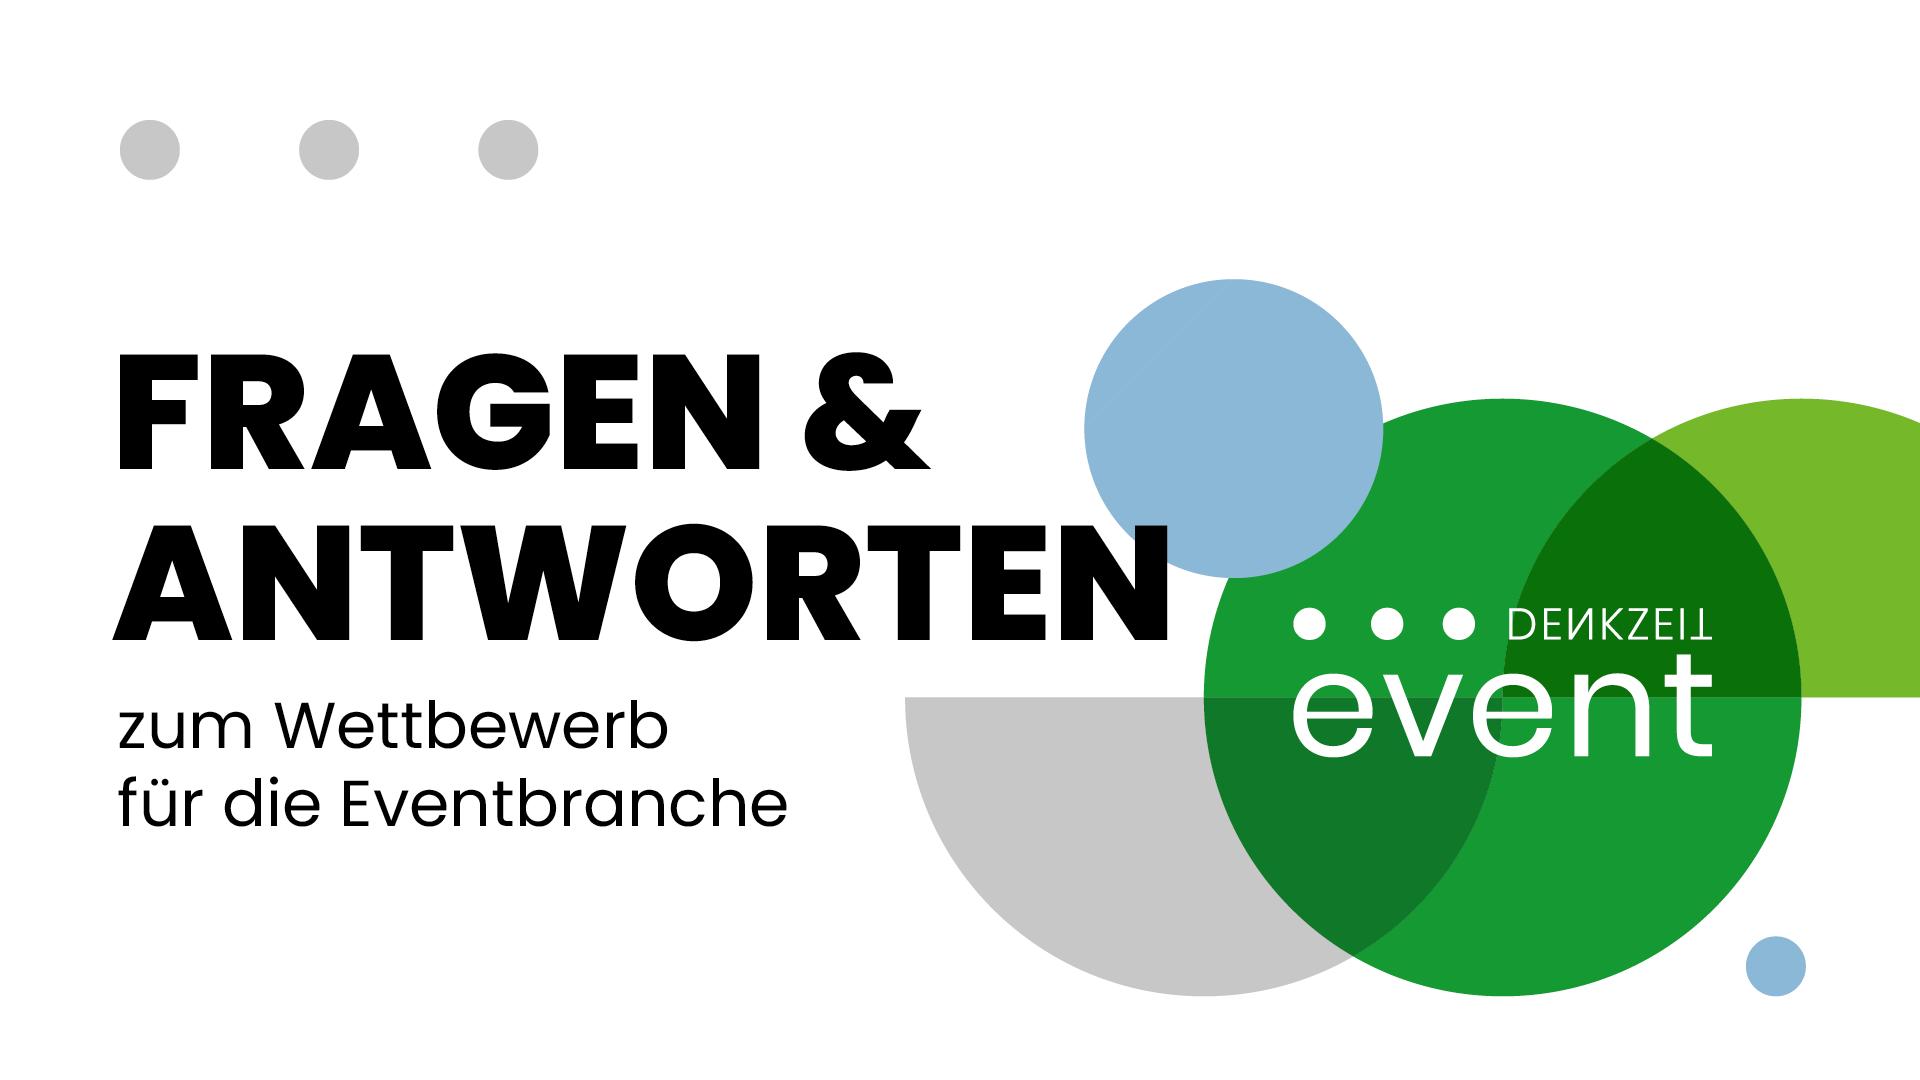 KreativesSachsen_Denkzeit-event